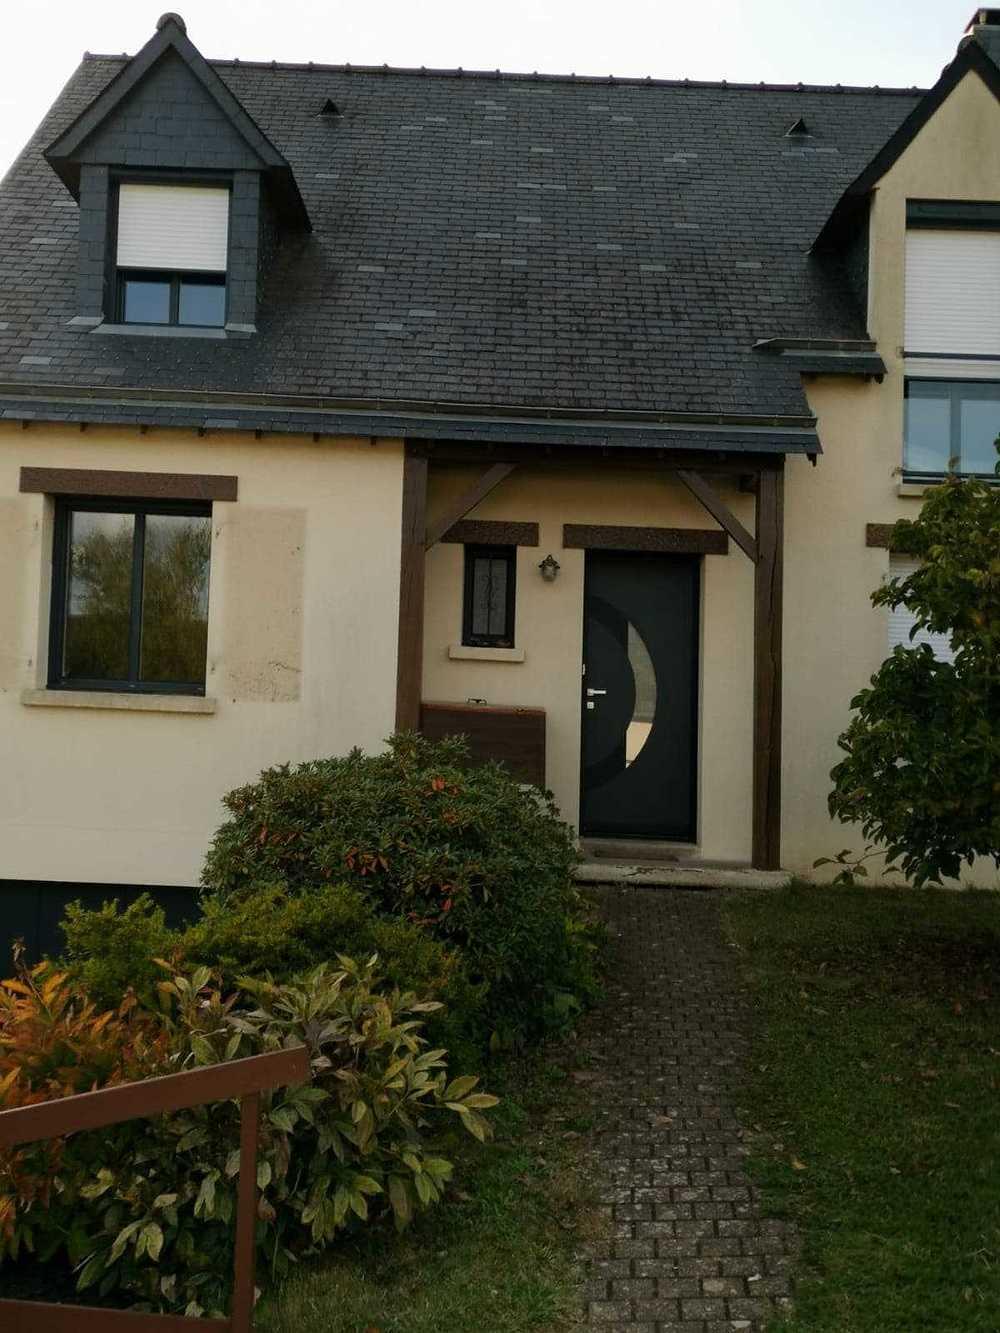 Rénovation des menuiseries extérieures près de Rennes (35) 727358275715365504228527696202934798778368n